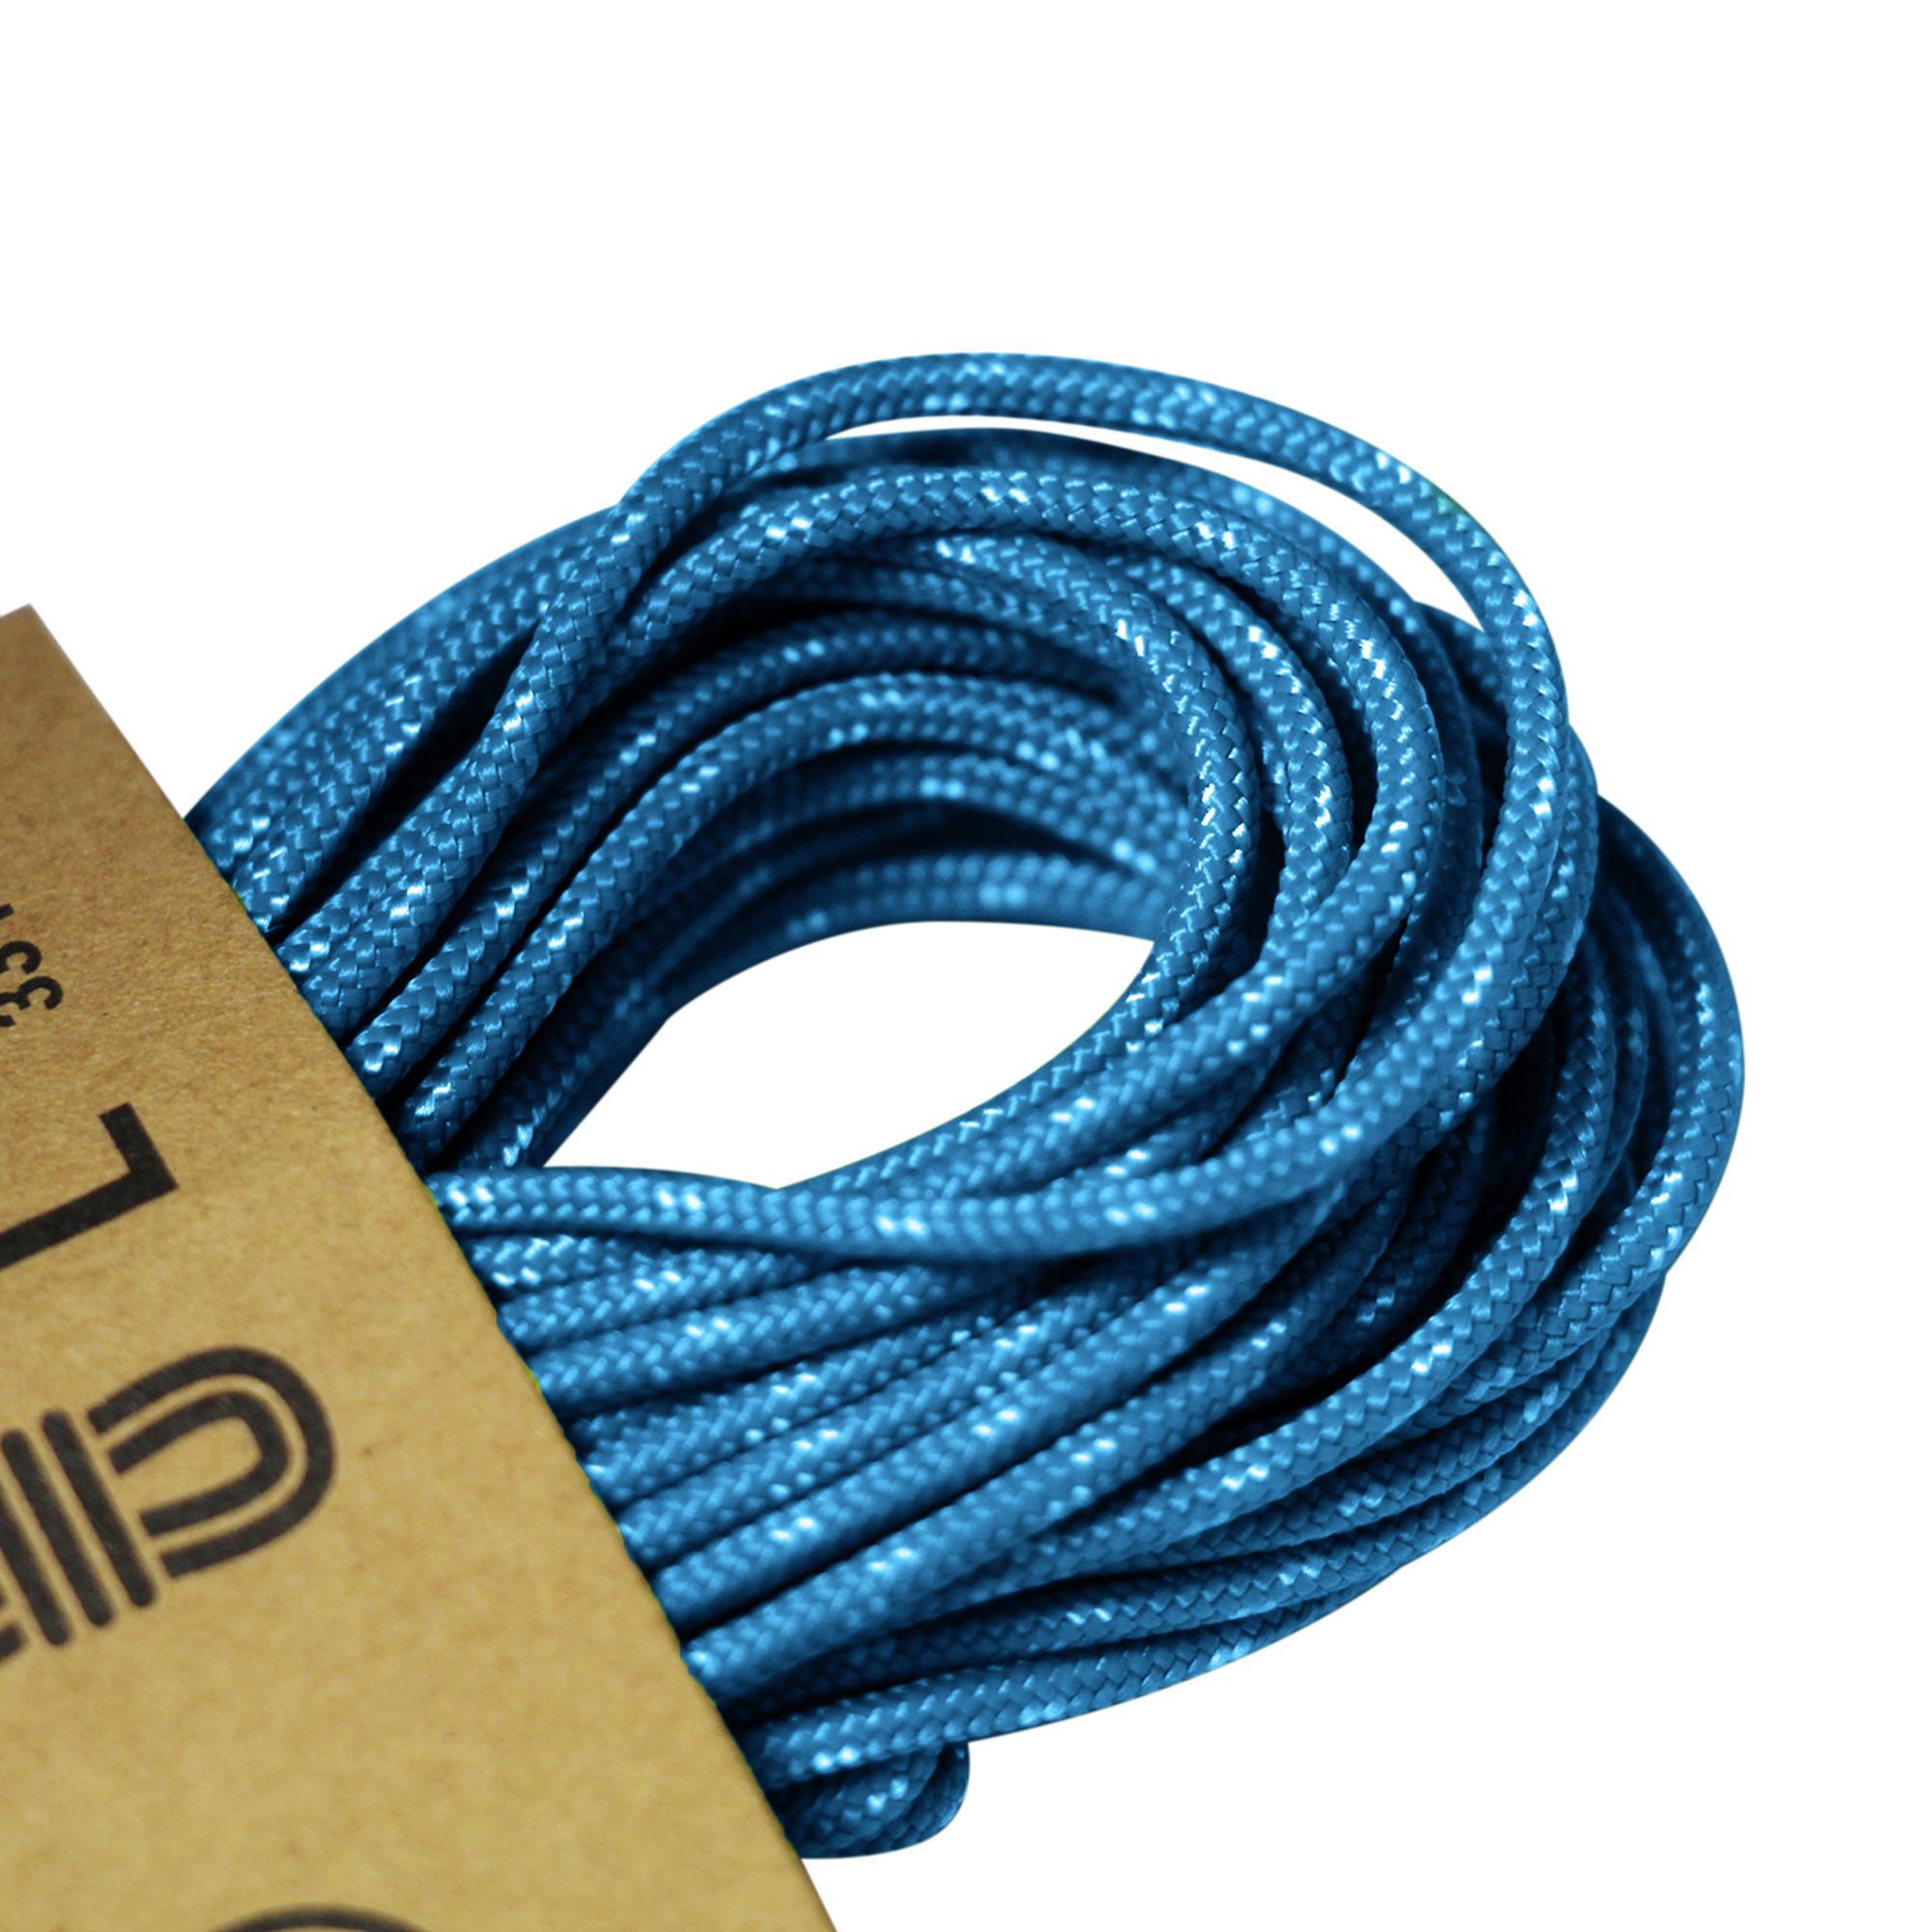 Cordelette 2 mm x 10 m Blue